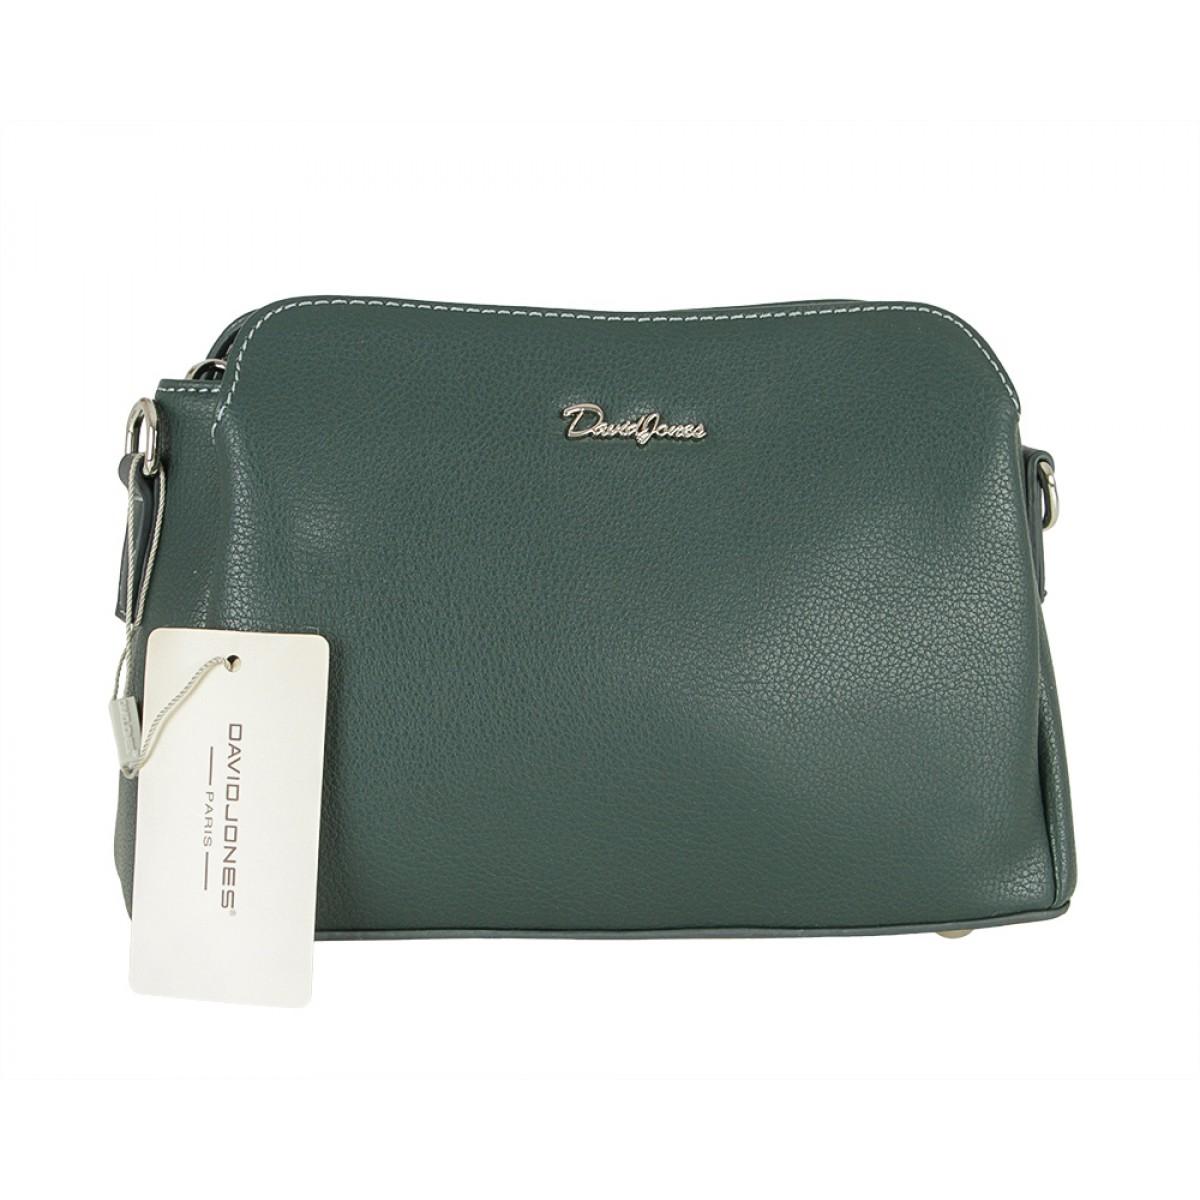 Жіноча сумка David Jones CM5366 D.GREEN